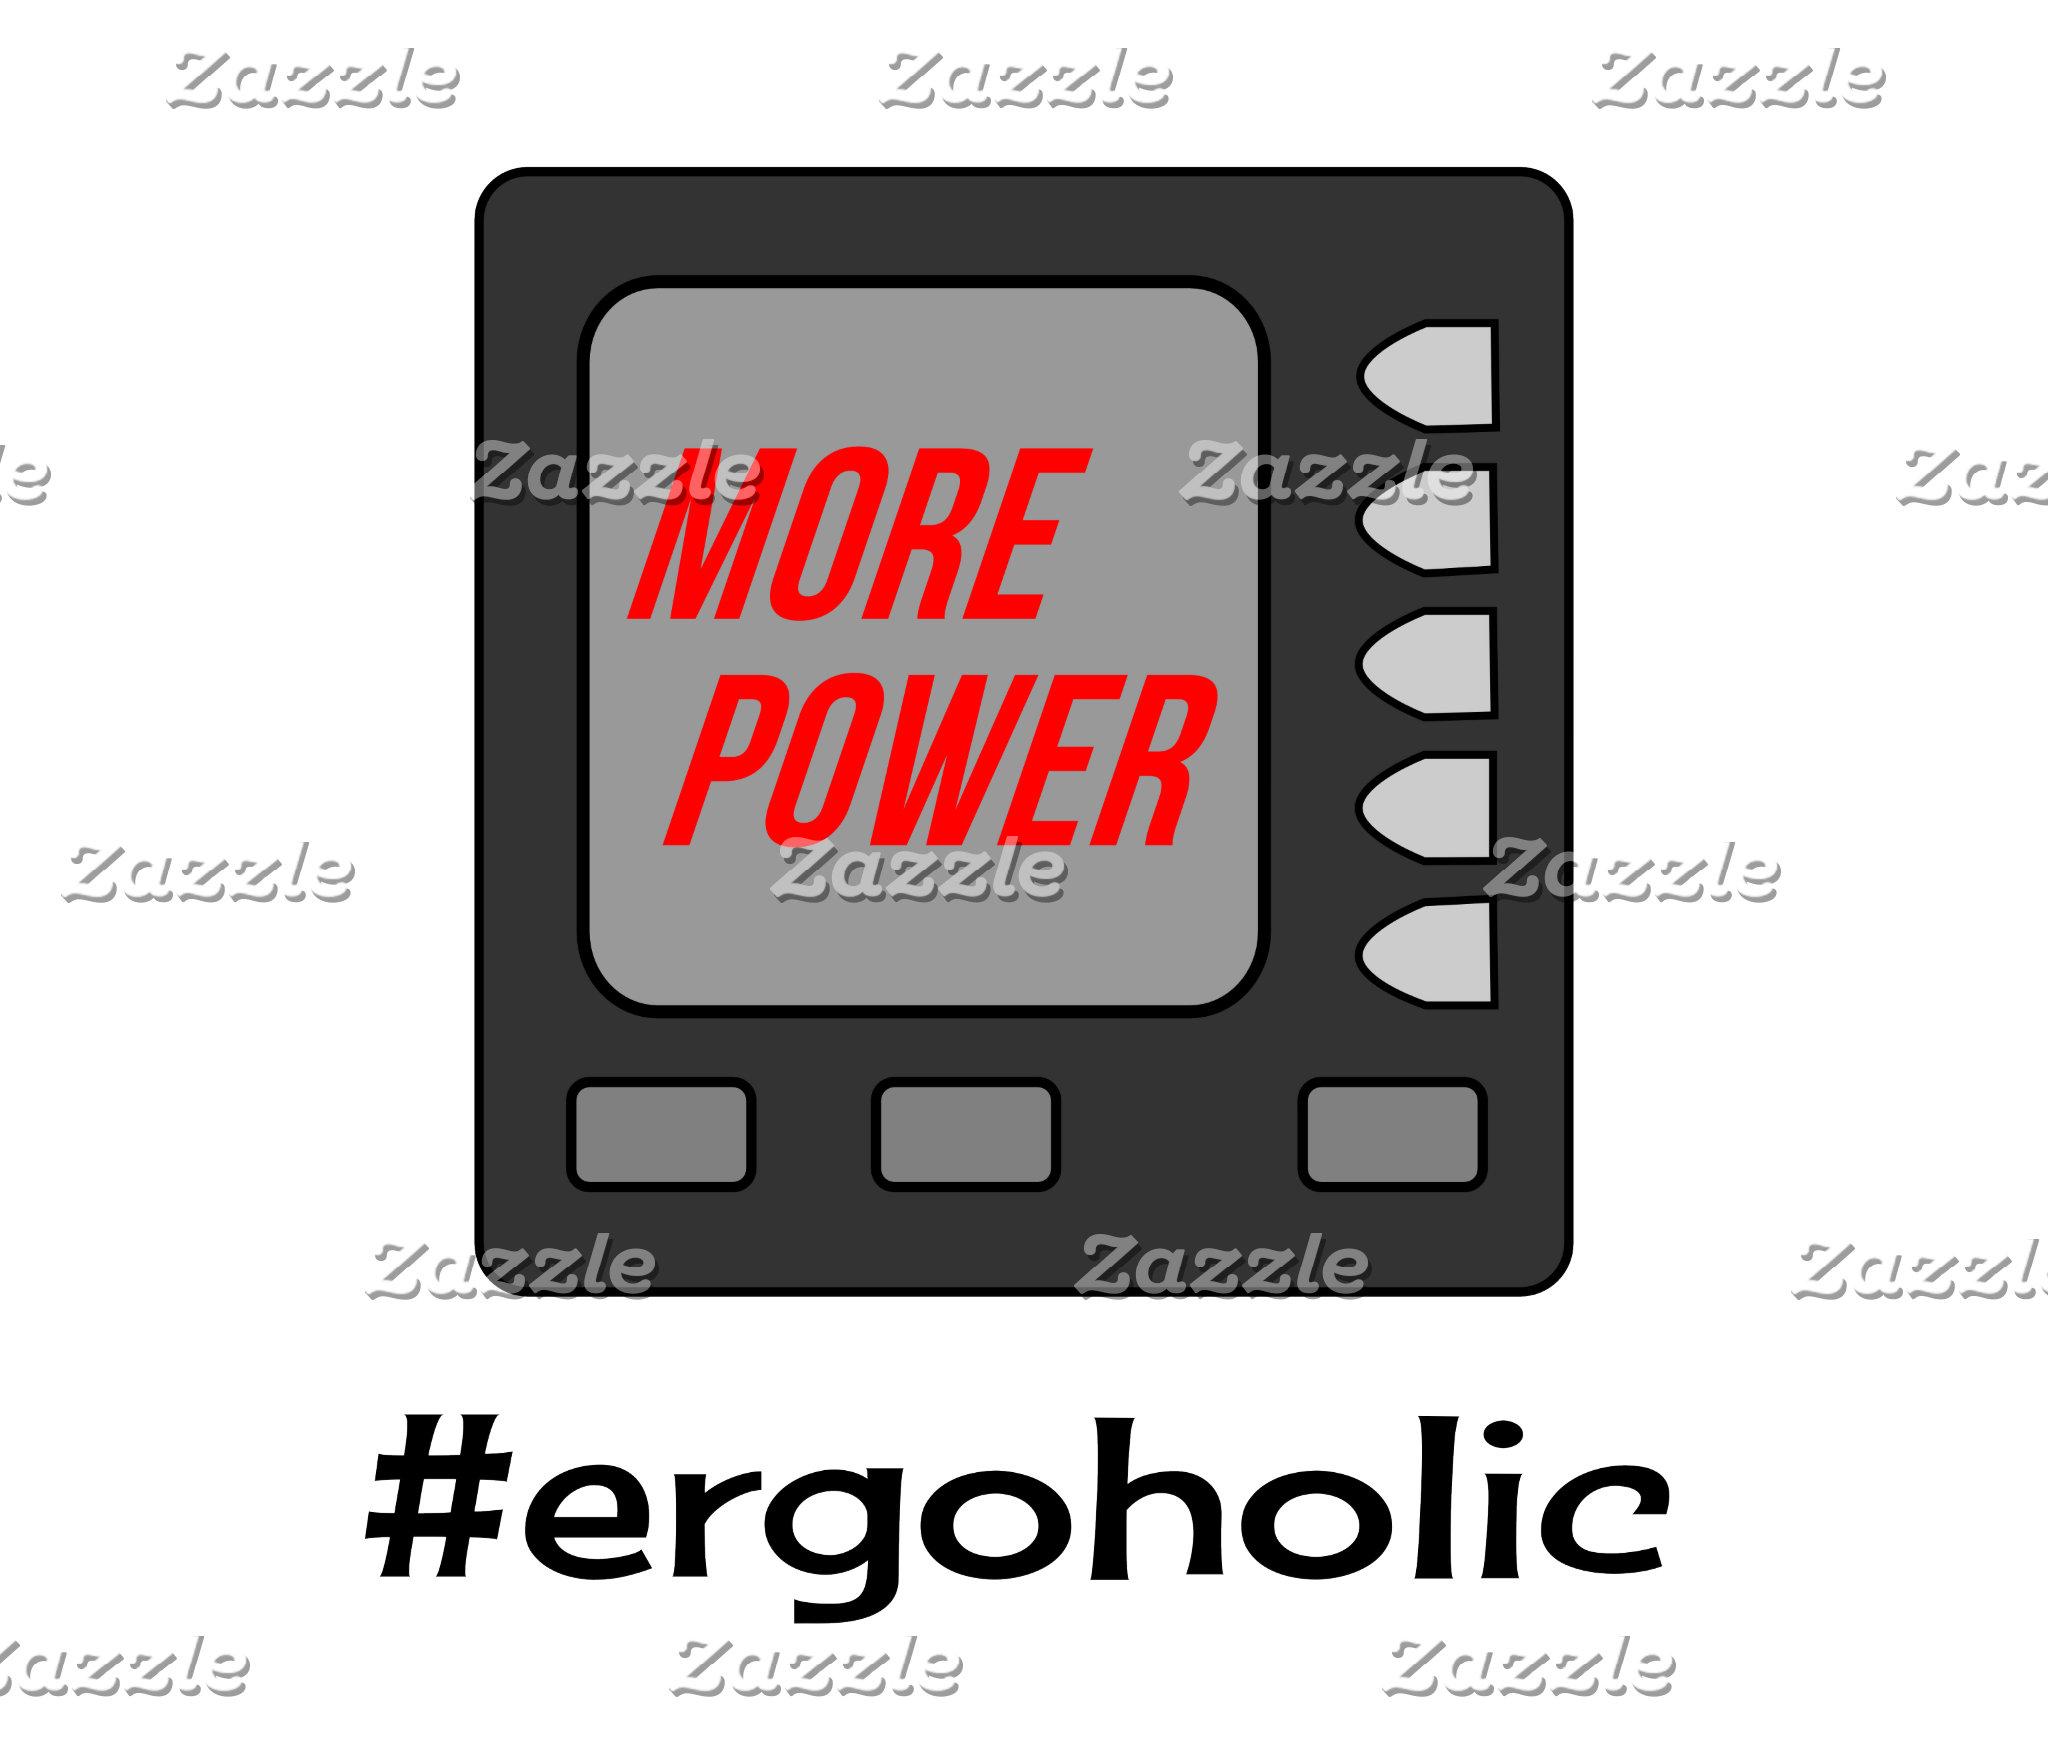 Ergoholic